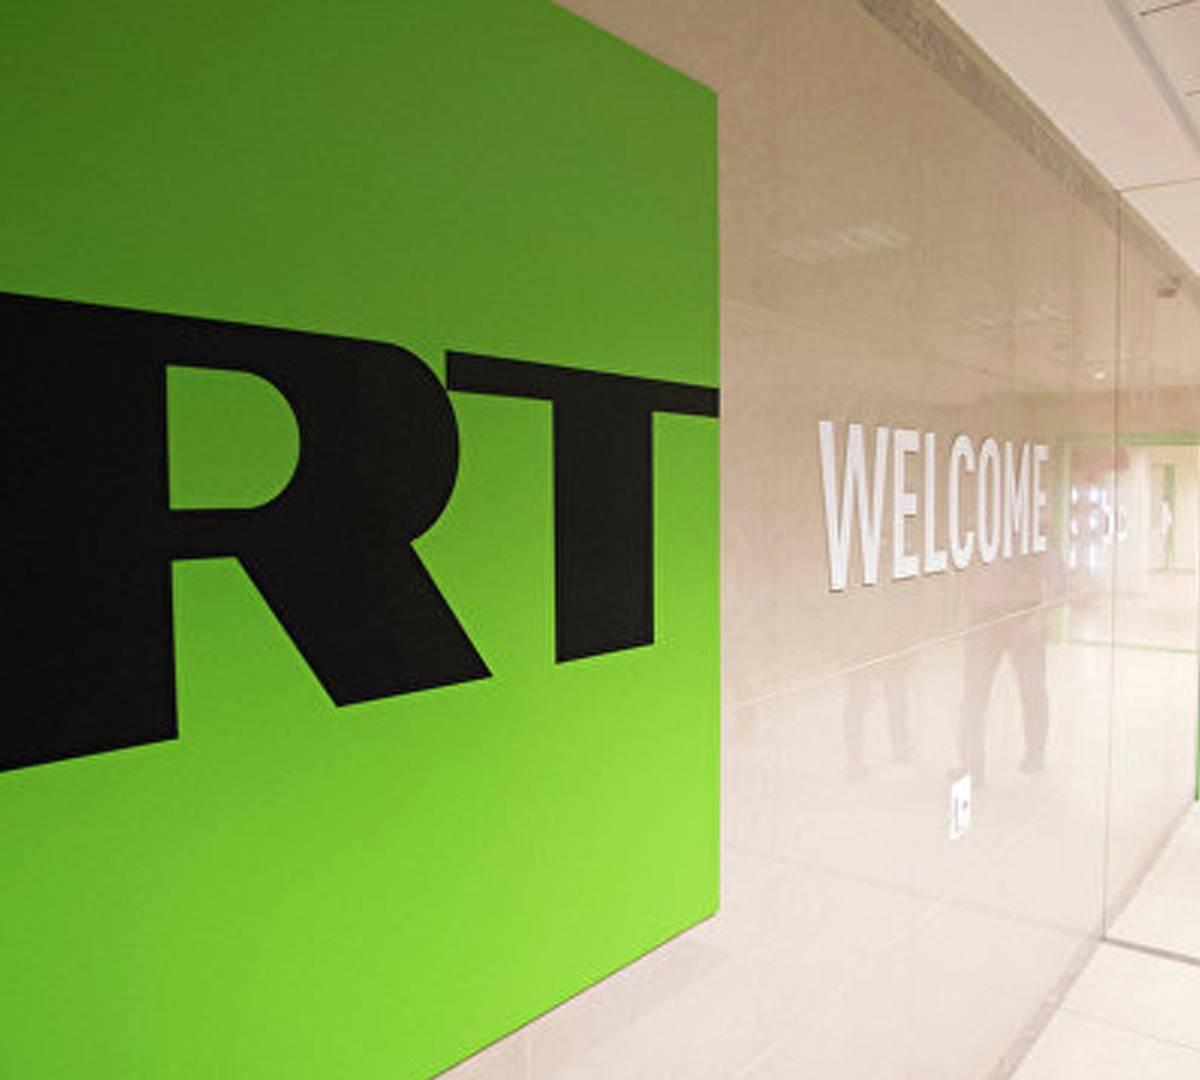 Майданутые потребовали закрыть RT во Франции